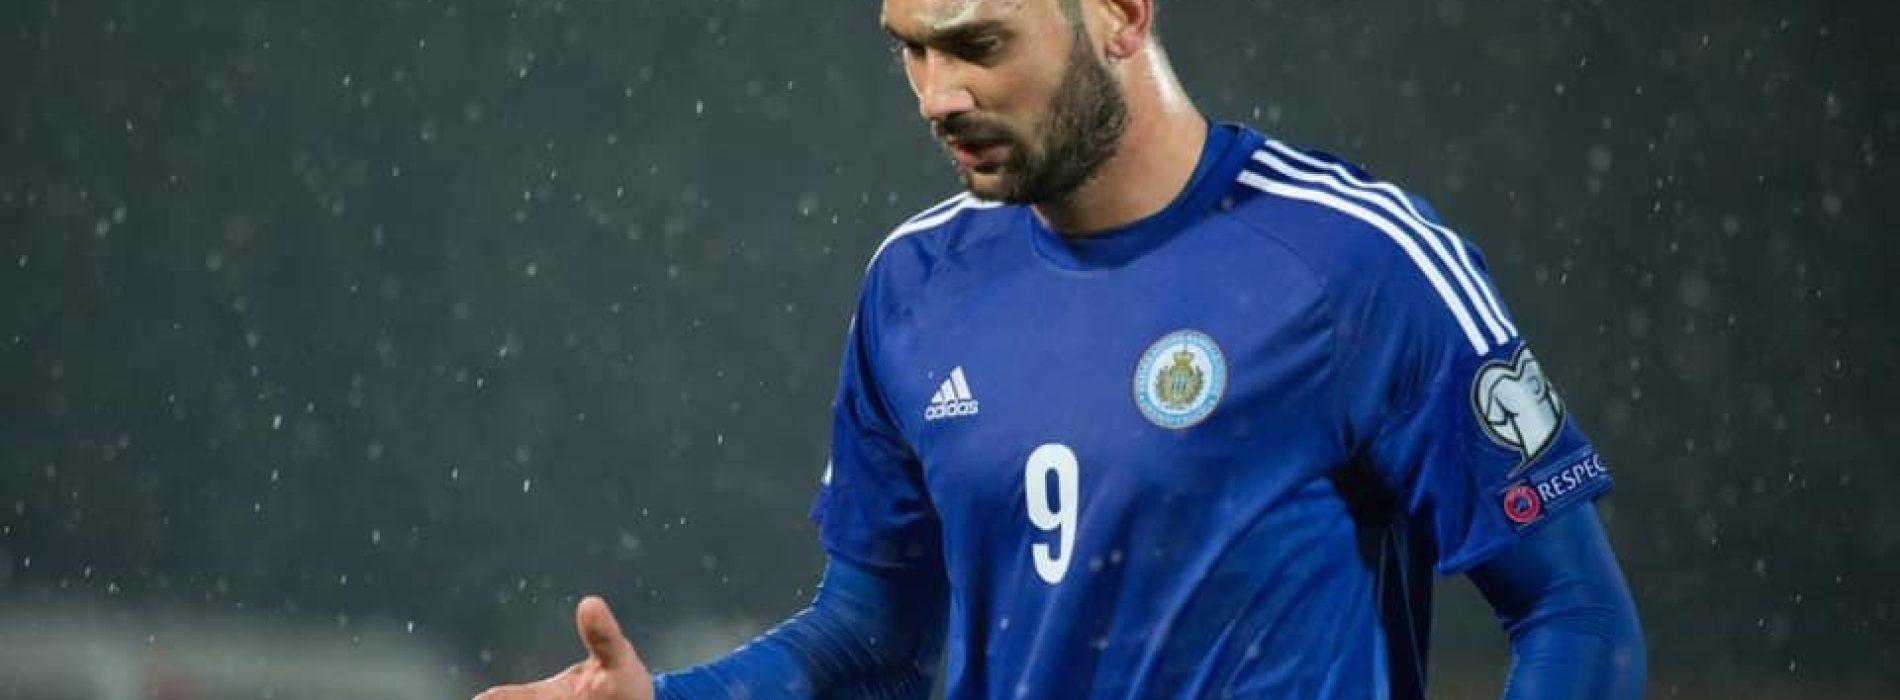 """Mattia Stefanelli: """"San Marino, voglio tornare a segnare!"""" – ESCLUSIVA EC"""